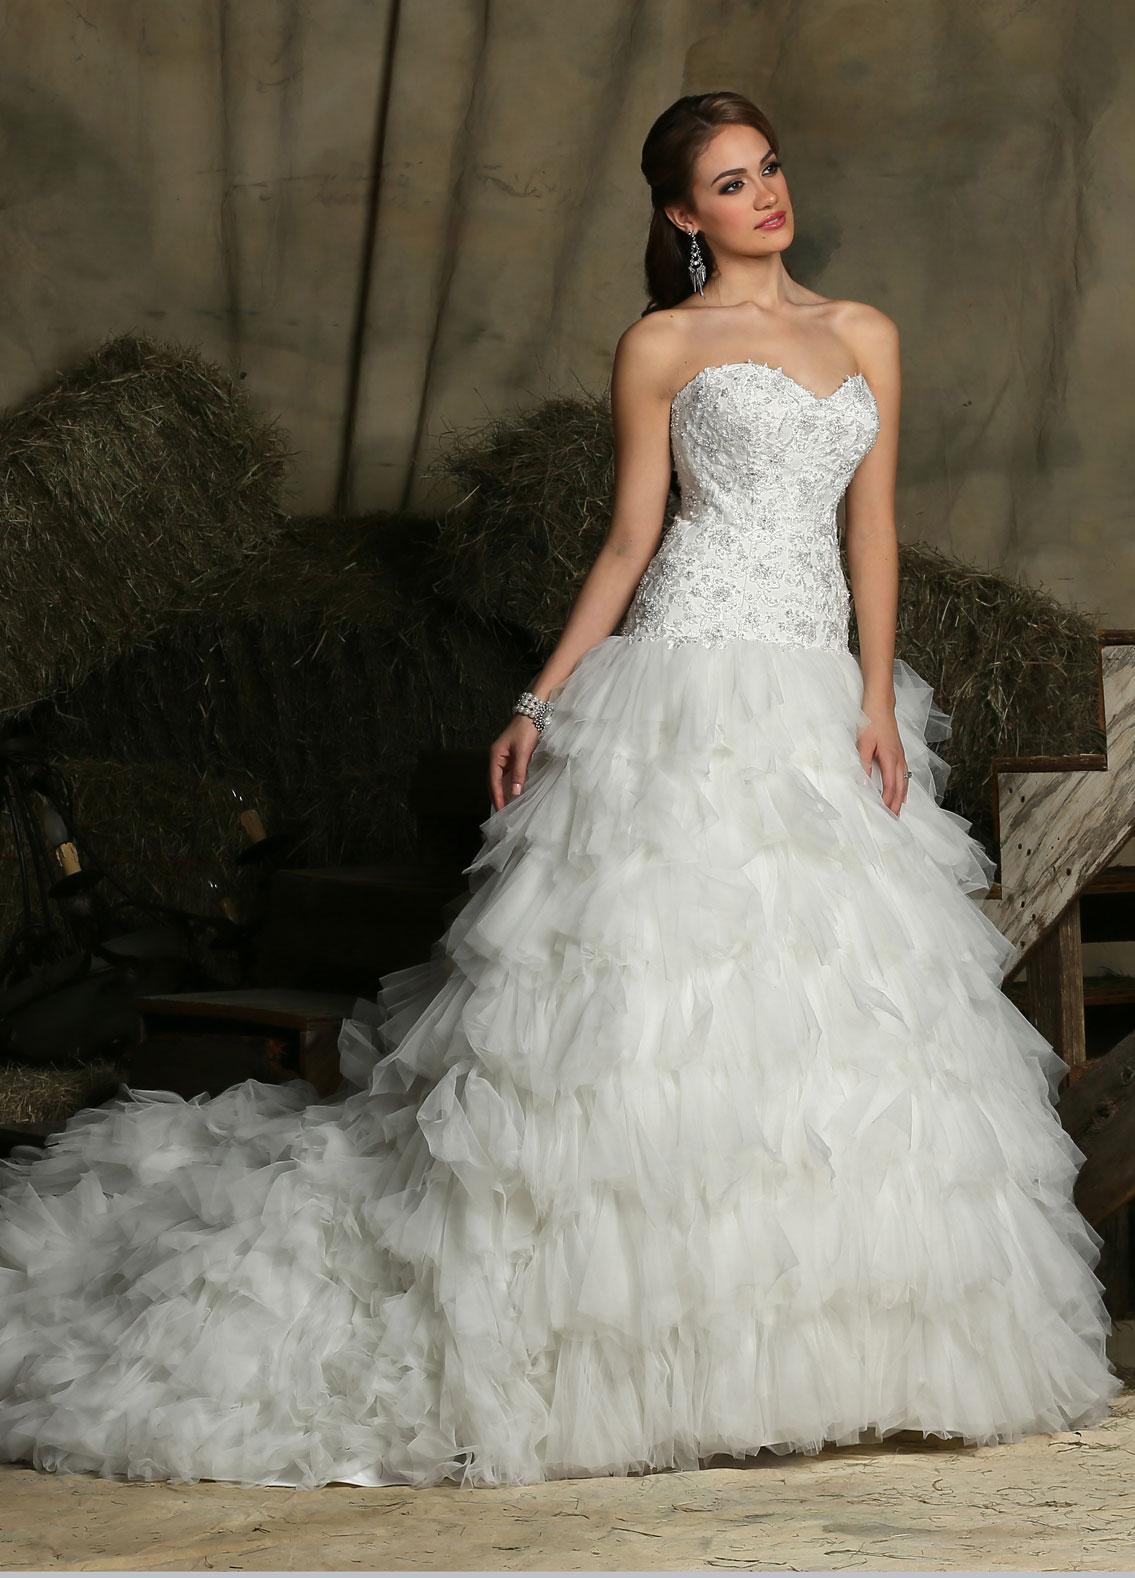 Ruffled Wedding Dresses Style #50325